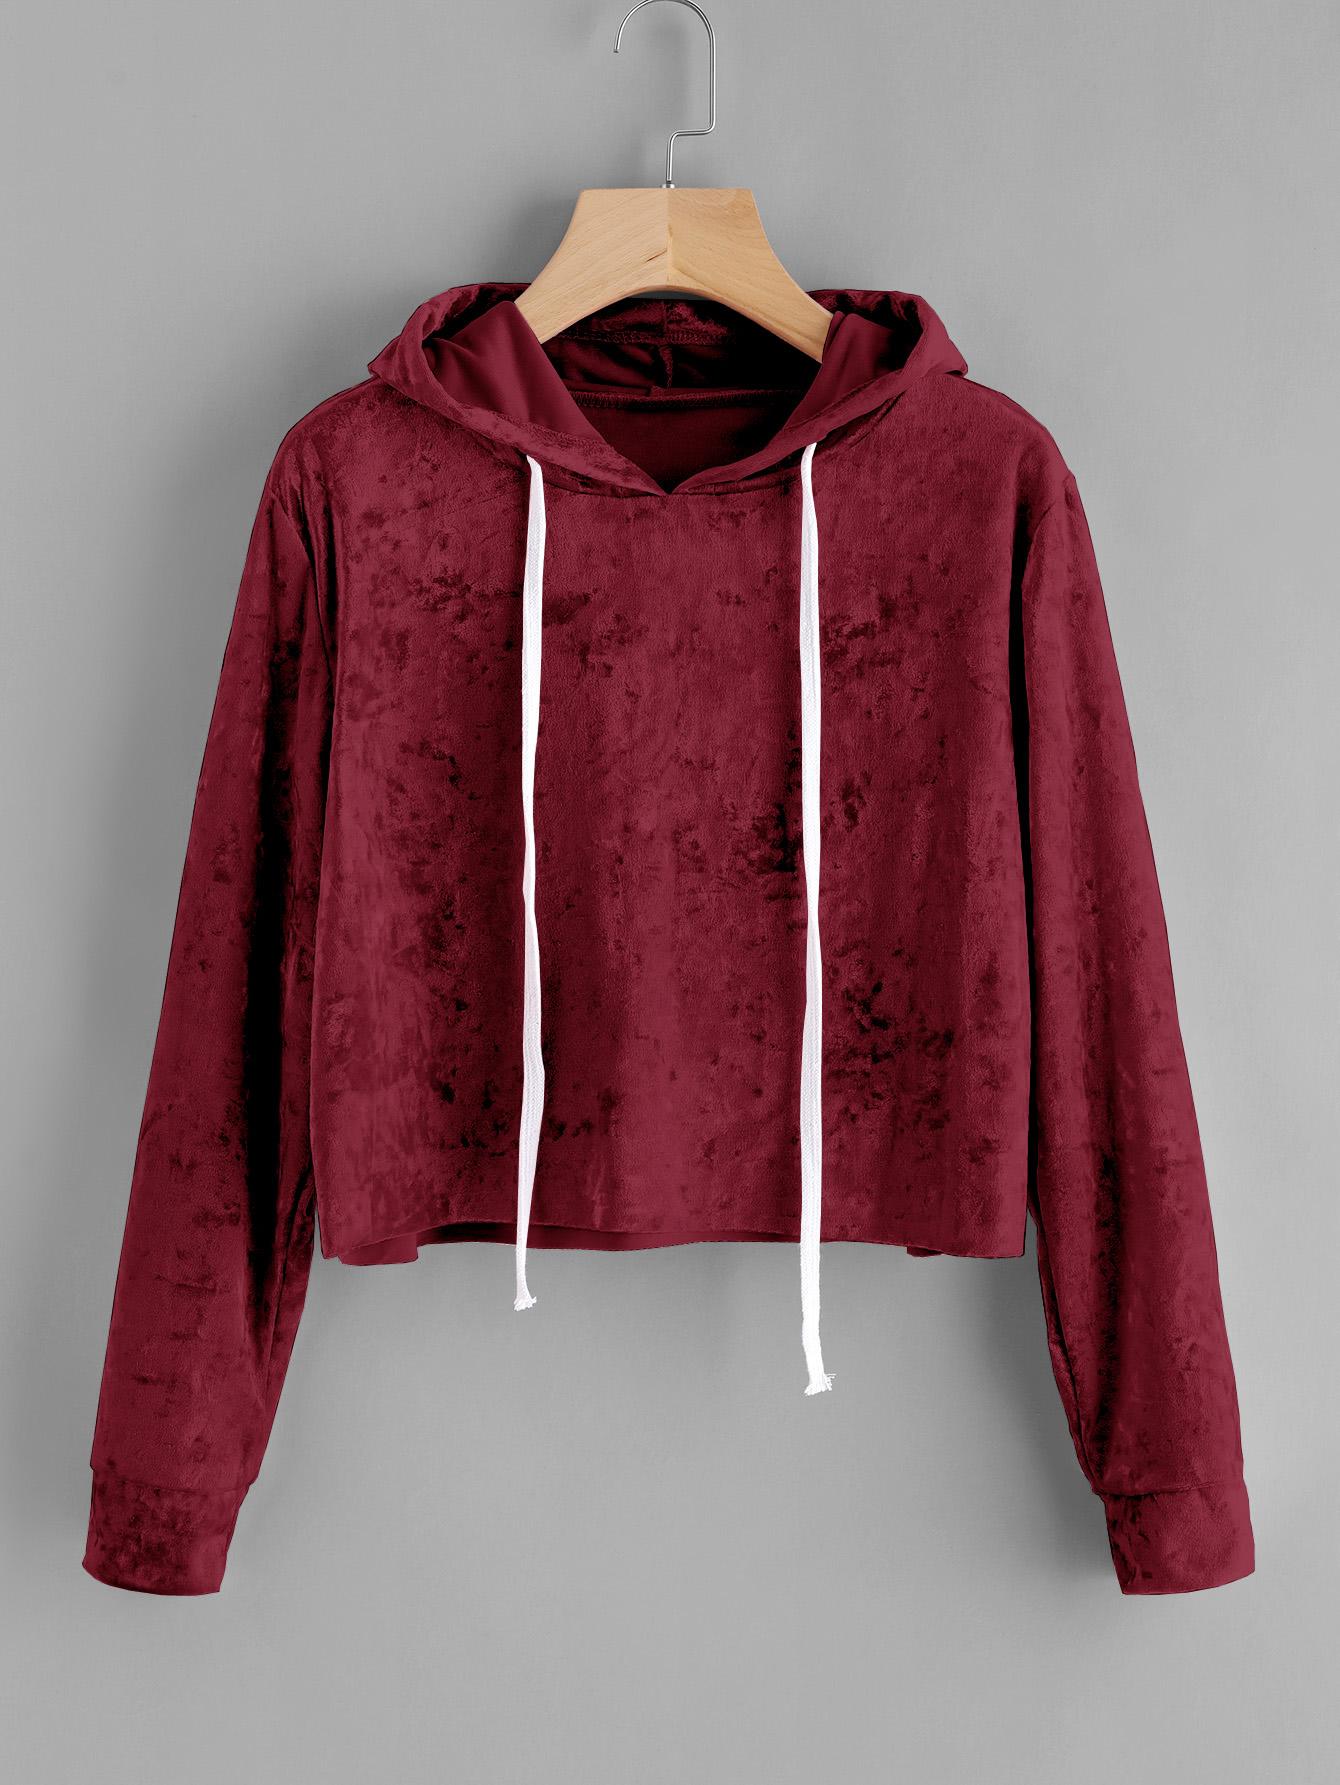 Купить Повседневный Ровный цвет Пуловеры Коричневый Свитшоты, null, SheIn